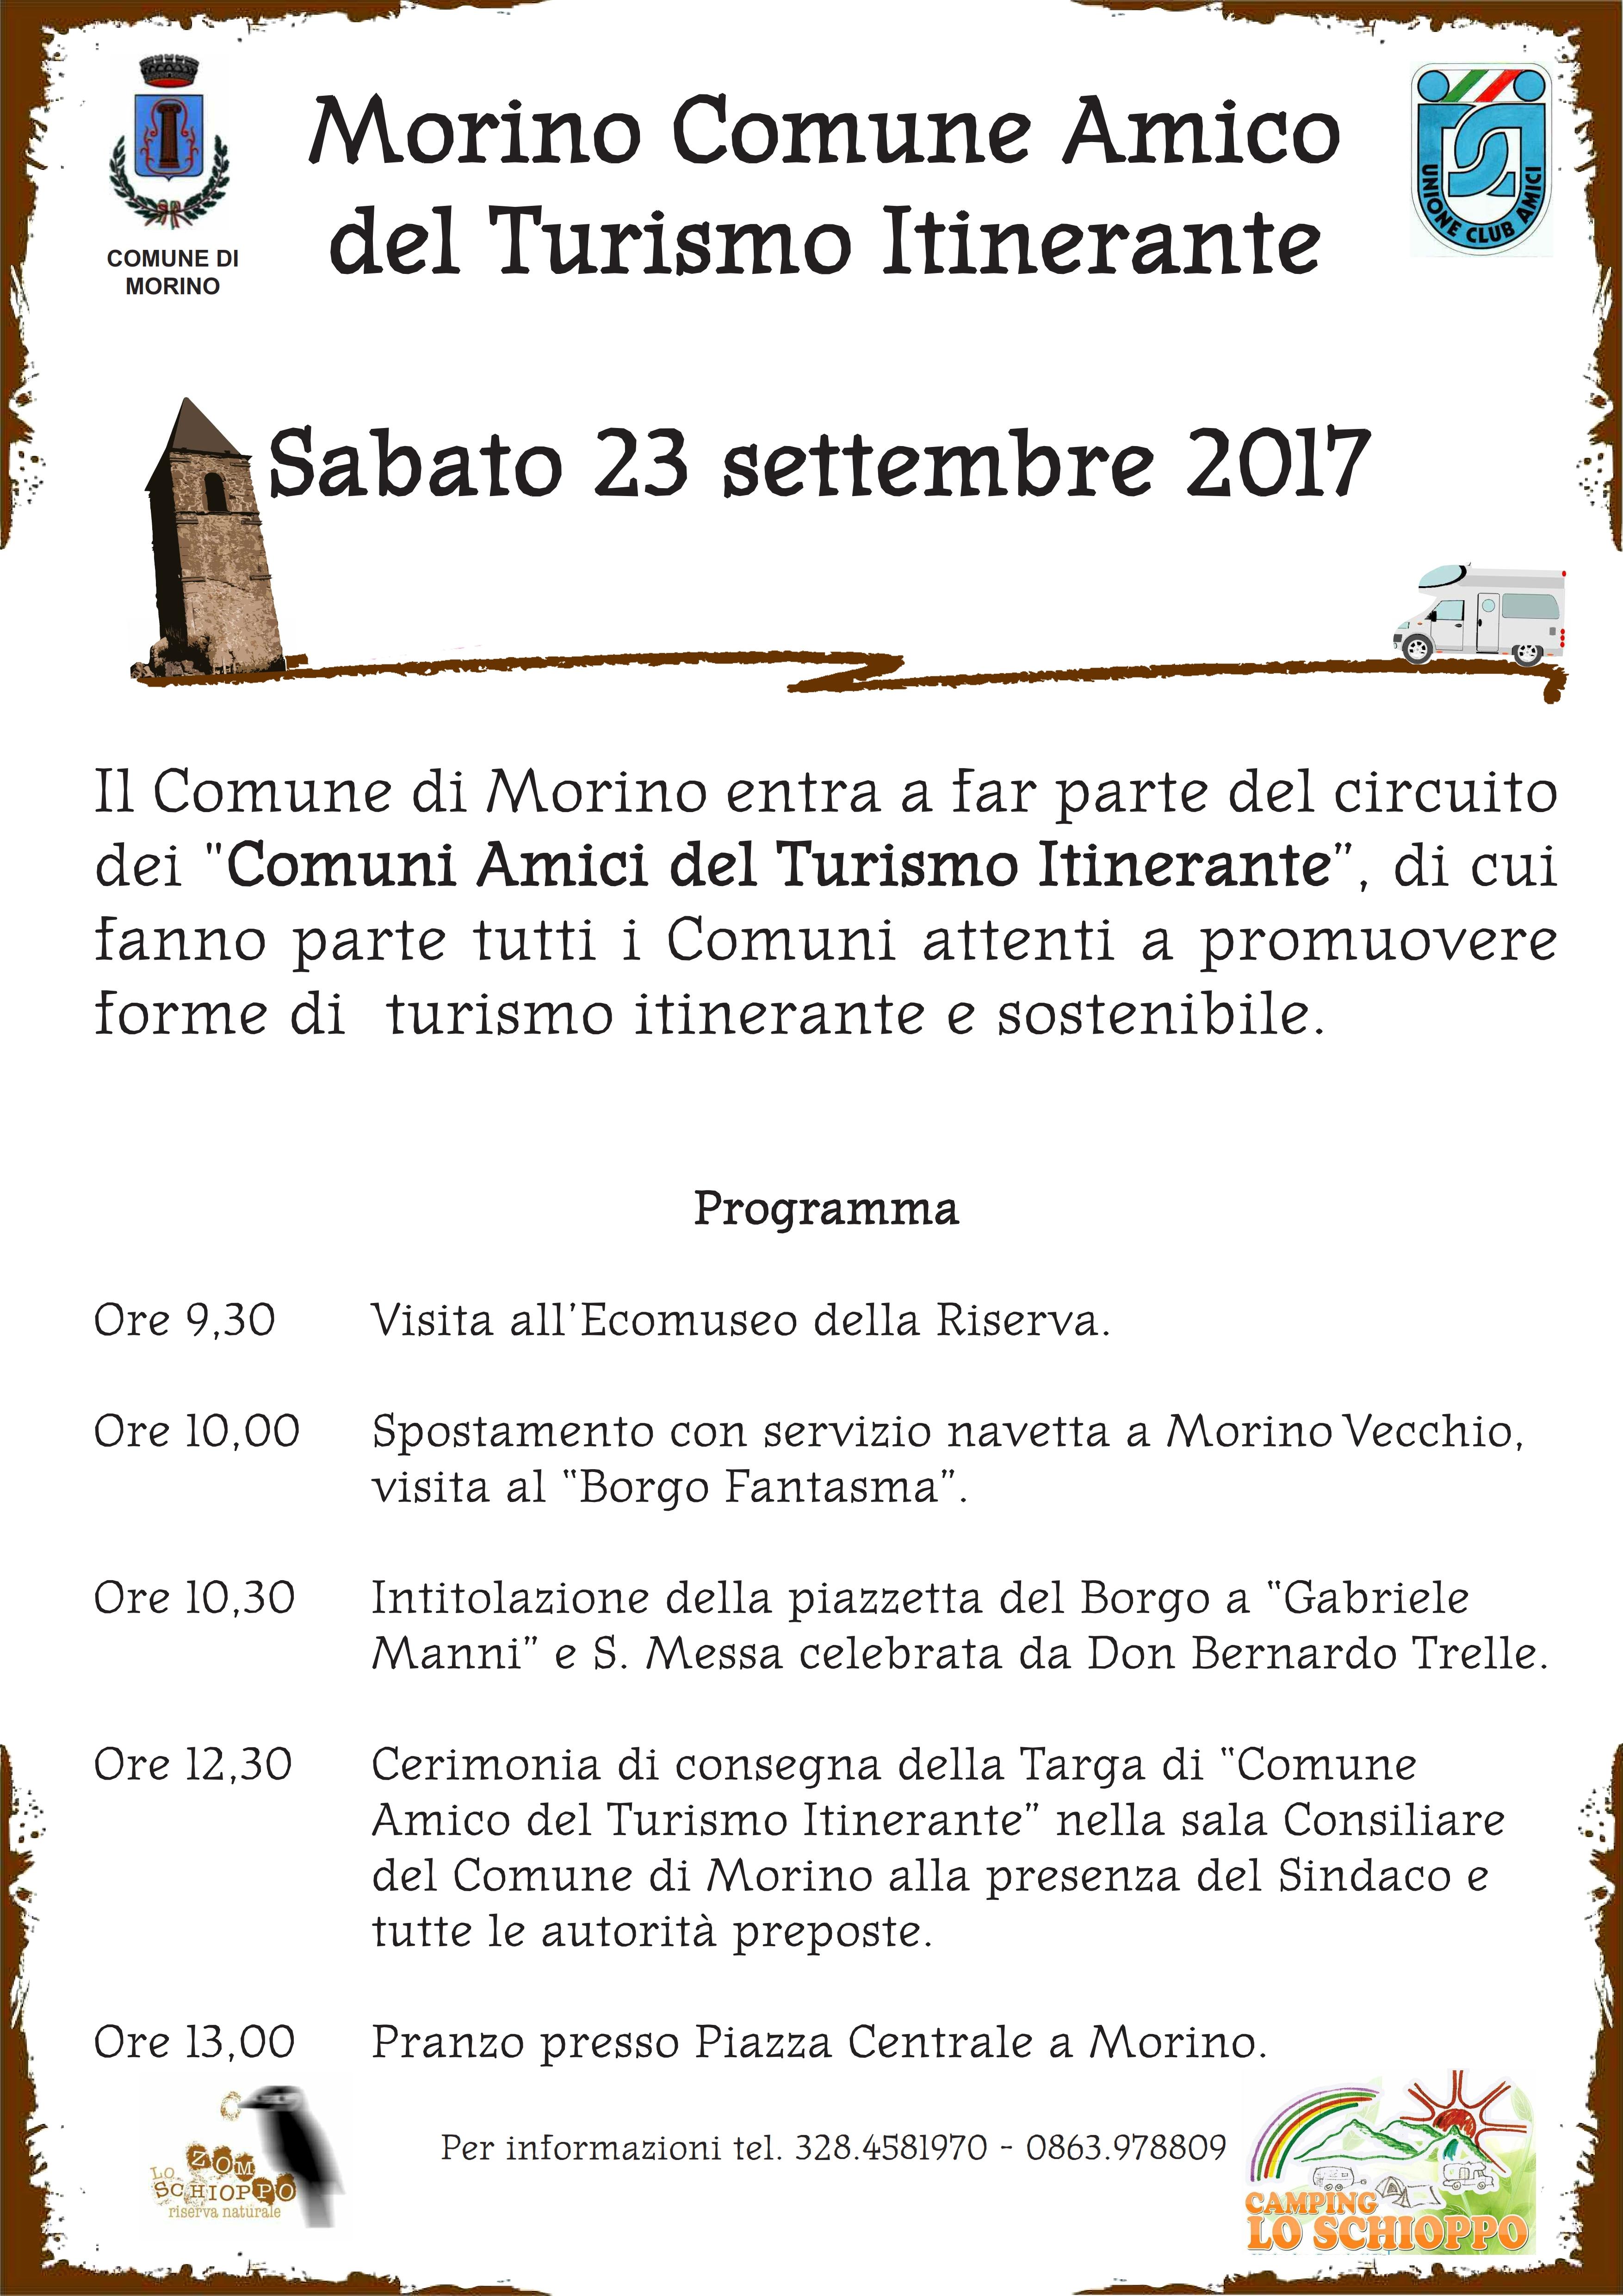 COMUNE AMICO DEL TURISMO ITINERANTE_001